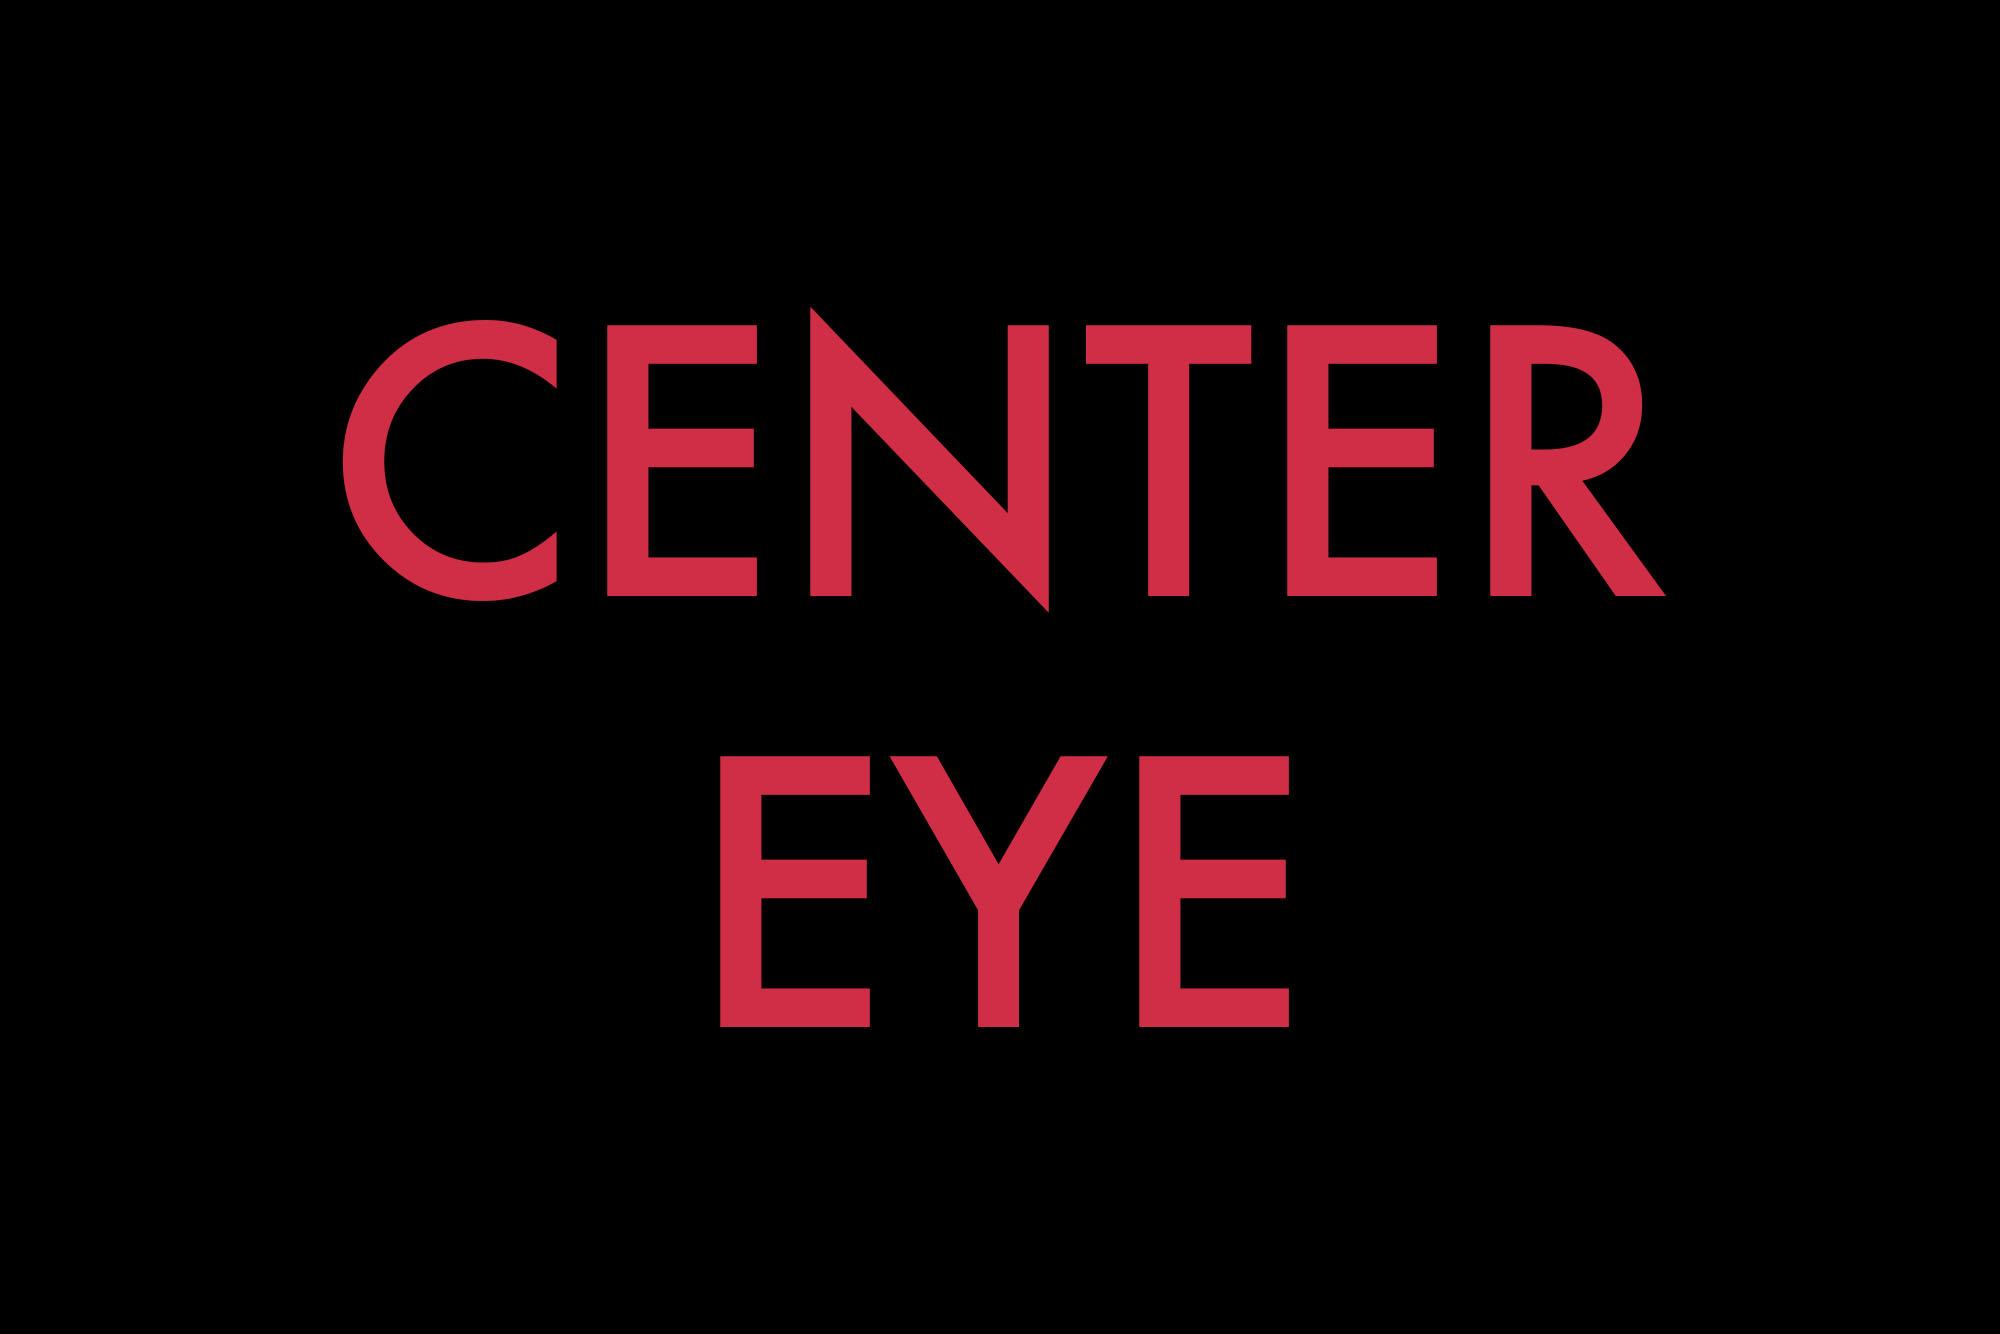 0-center eye.jpg